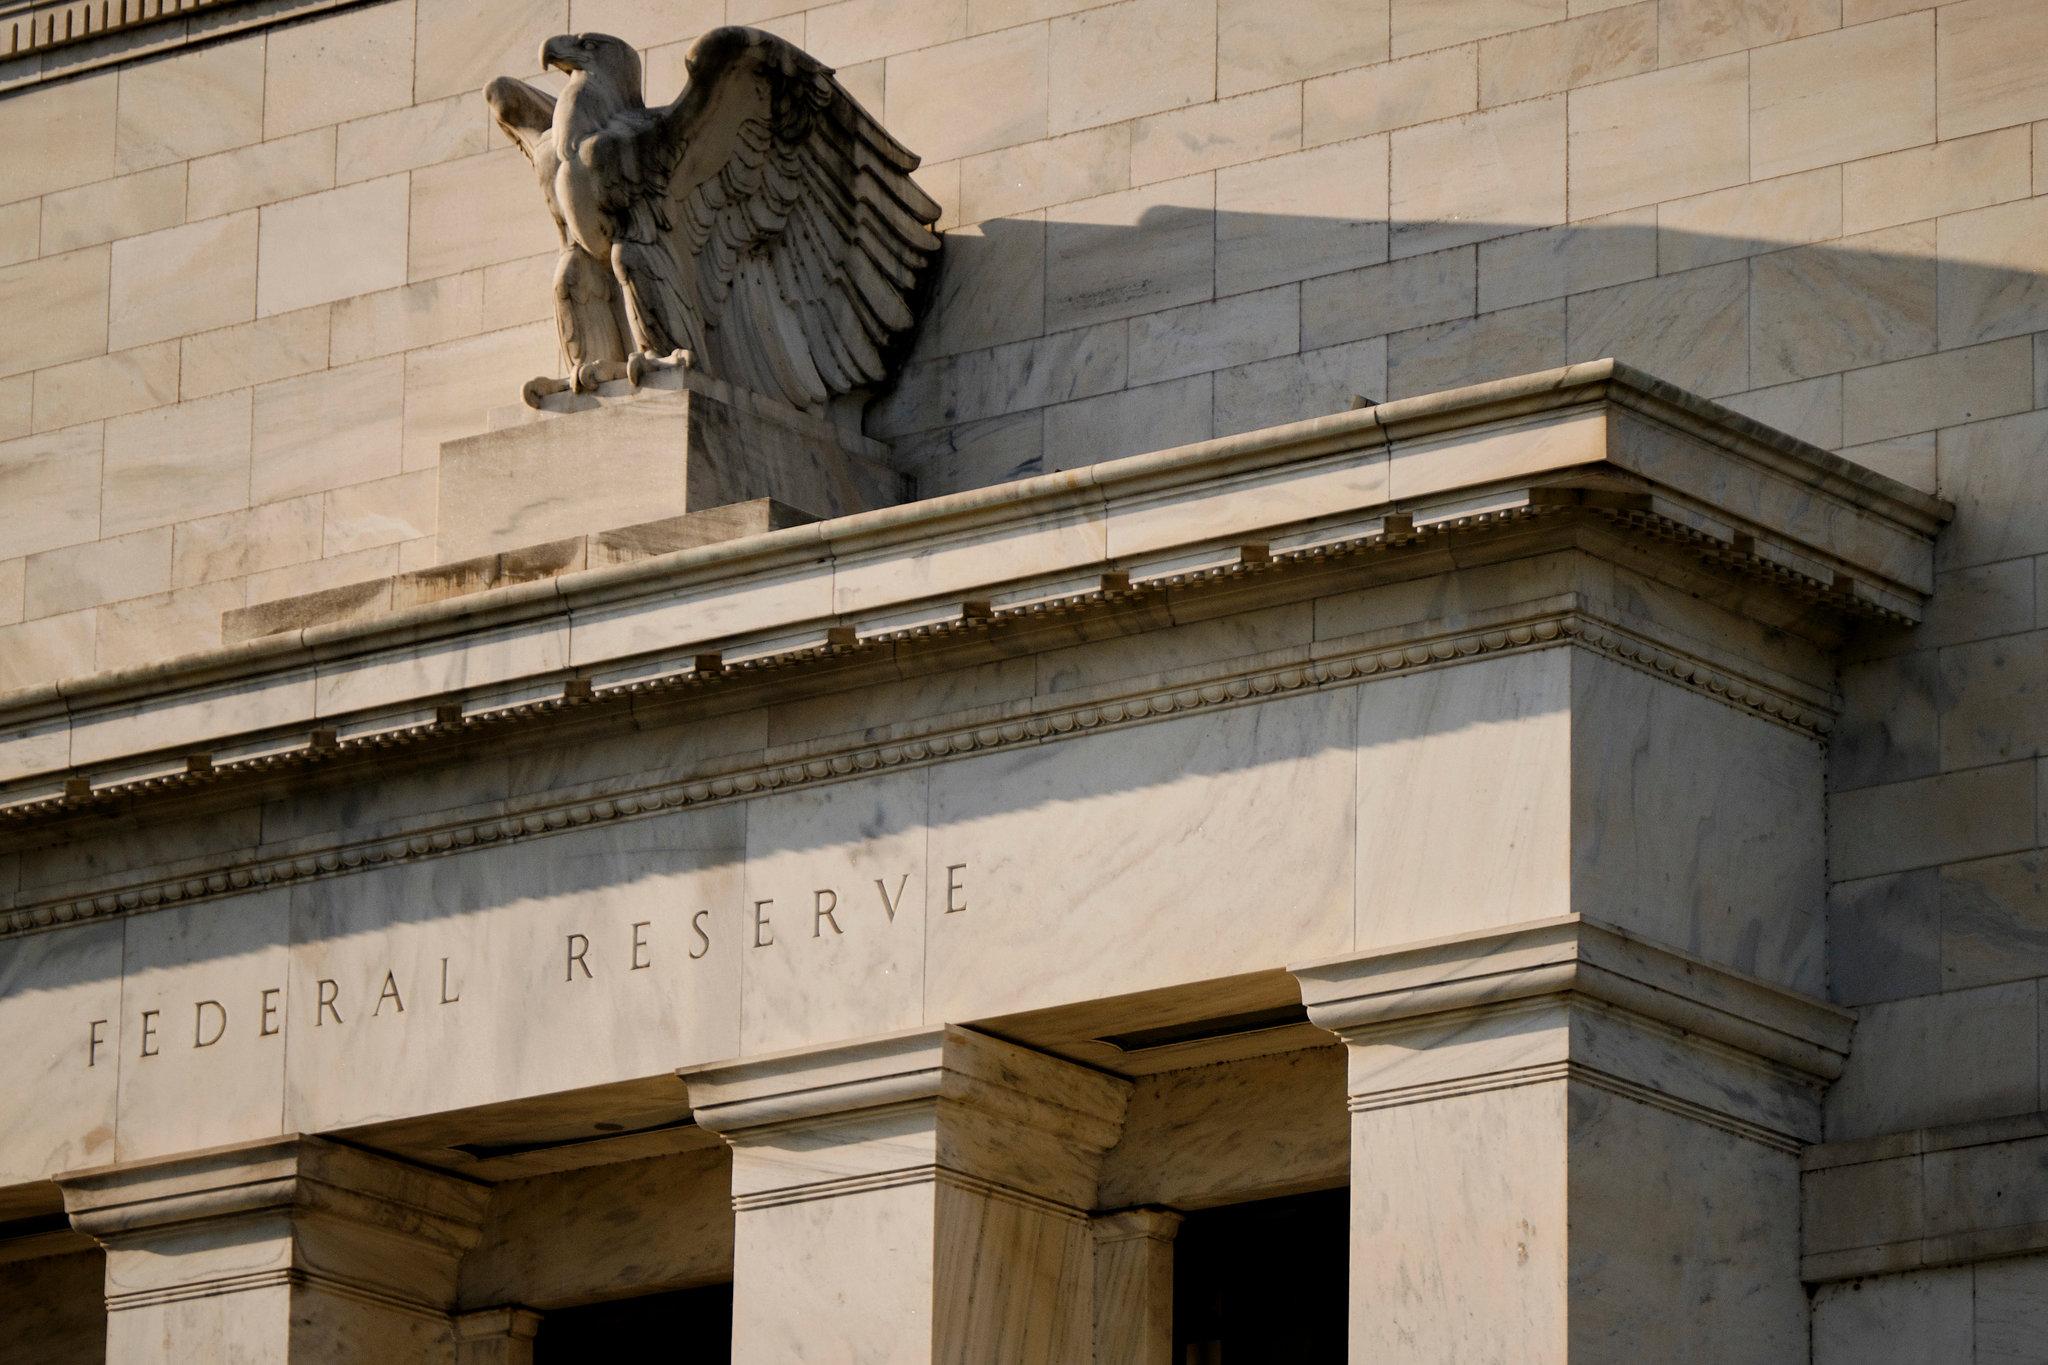 واشنگتنپست: لزوم دخیل بودن سیاستهای فدرال در صعود قیمت بیتکوین